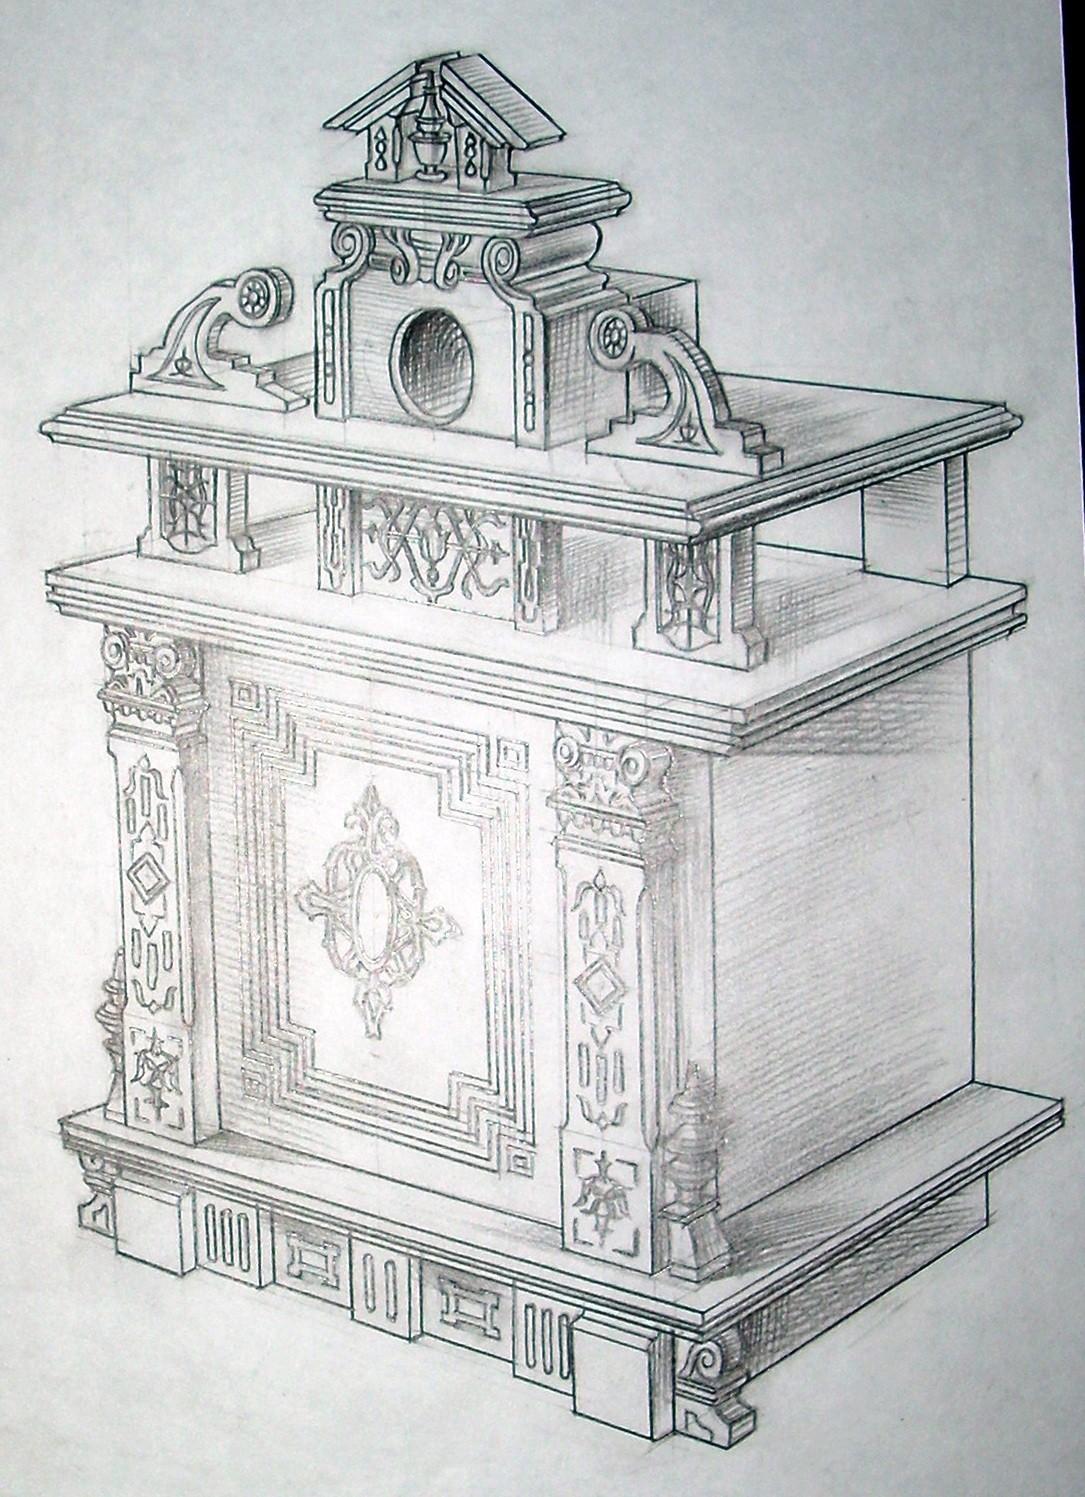 Викторианский стиль.Перспективный эскиз фасада сейфа.